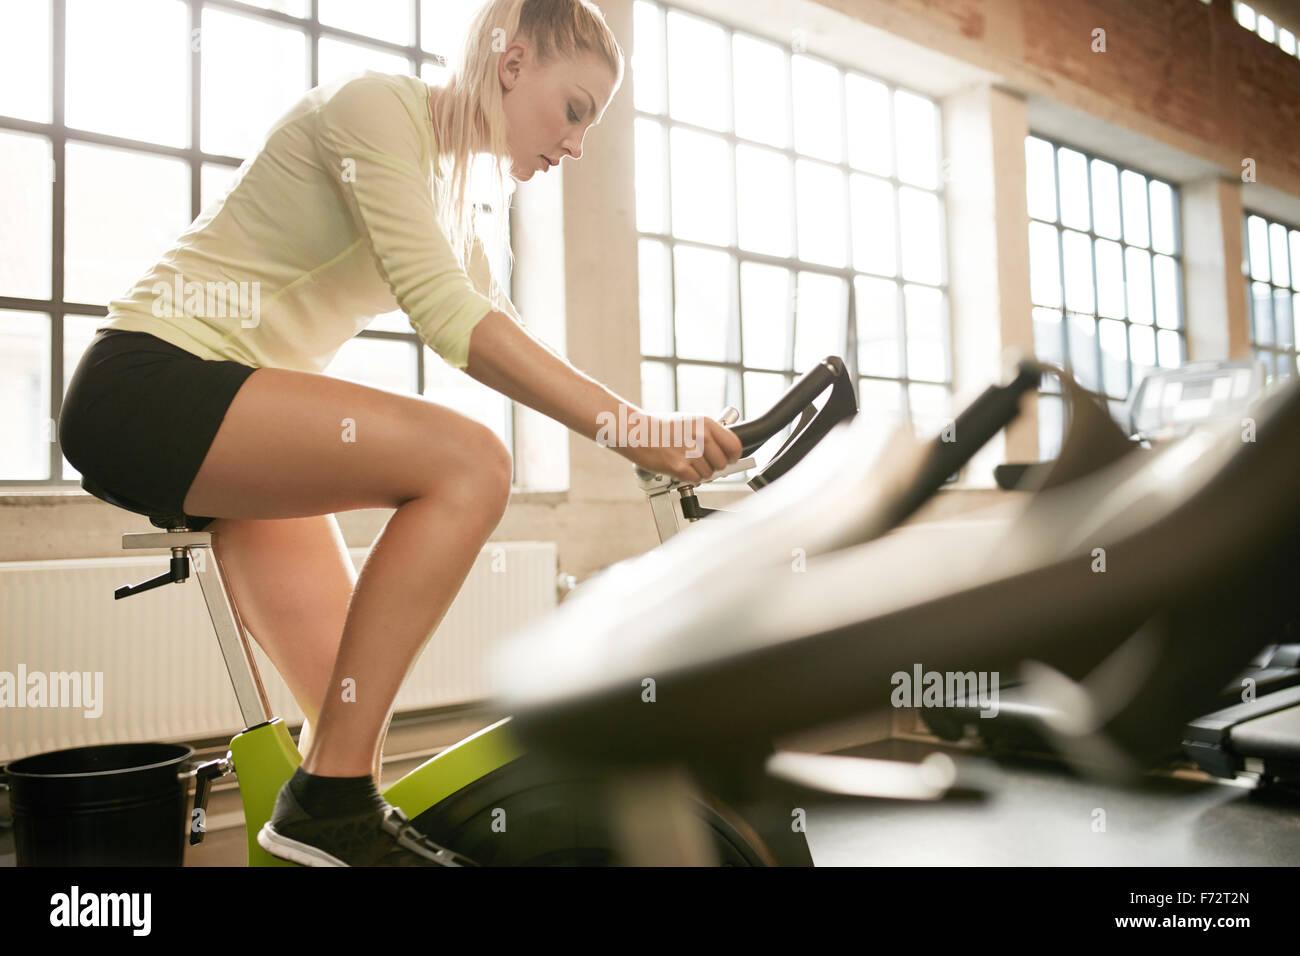 Colocar una mujer trabajando en bicicleta de ejercicio en el gimnasio. Centrado las hembras jóvenes de ejercicio Imagen De Stock